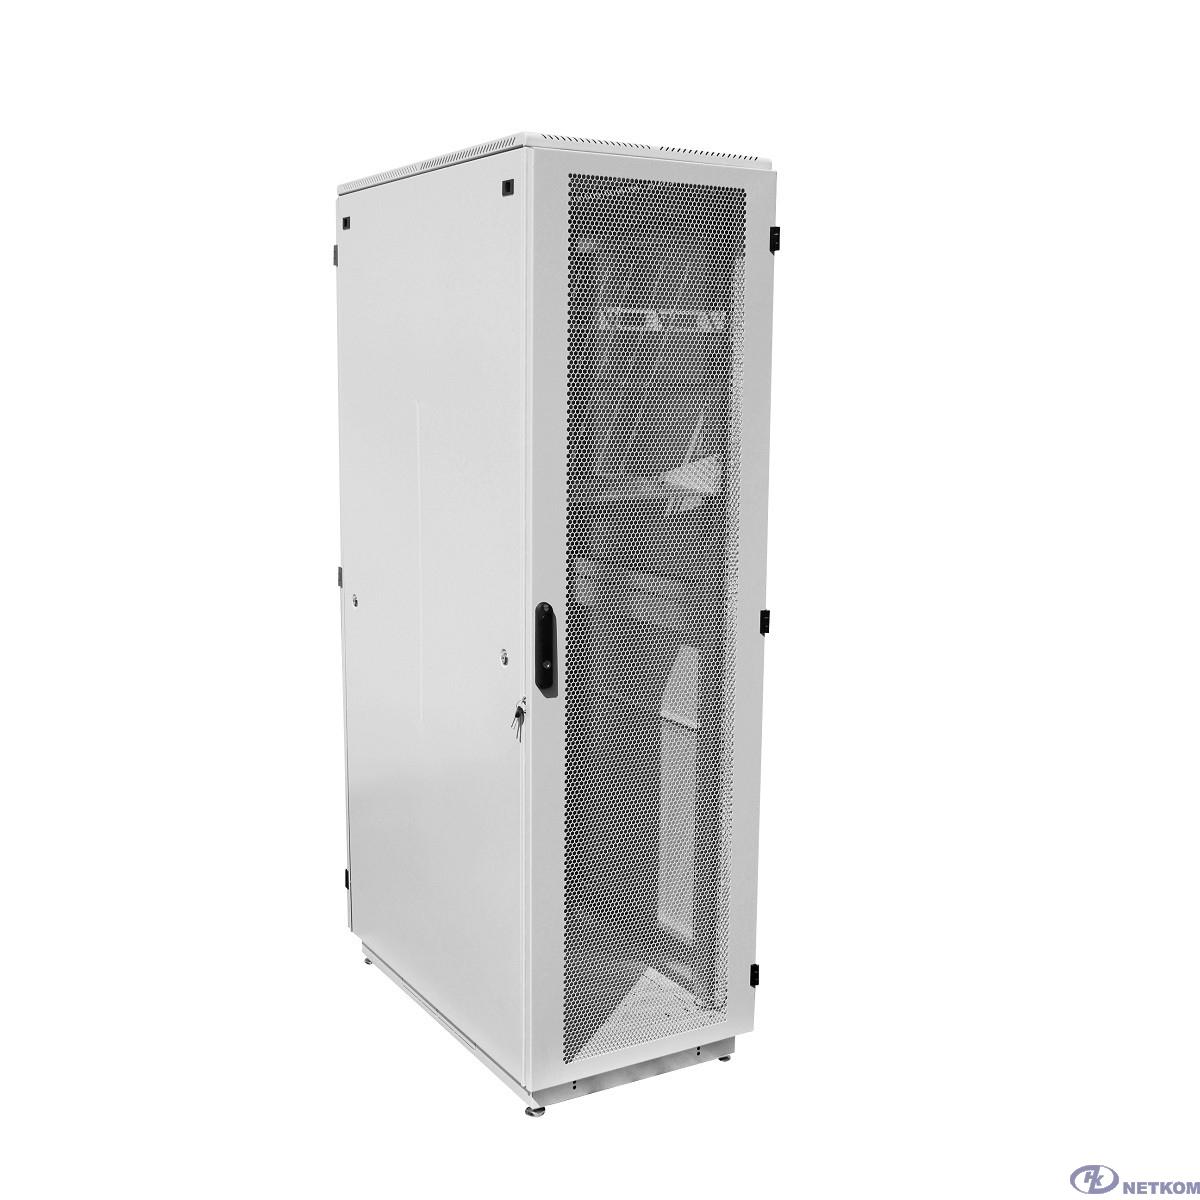 ЦМО Шкаф телекоммуникационный напольный 42U (600 х 800) дверь перфорированная 2 шт. (ШТК-М-42.6.8-44АА)